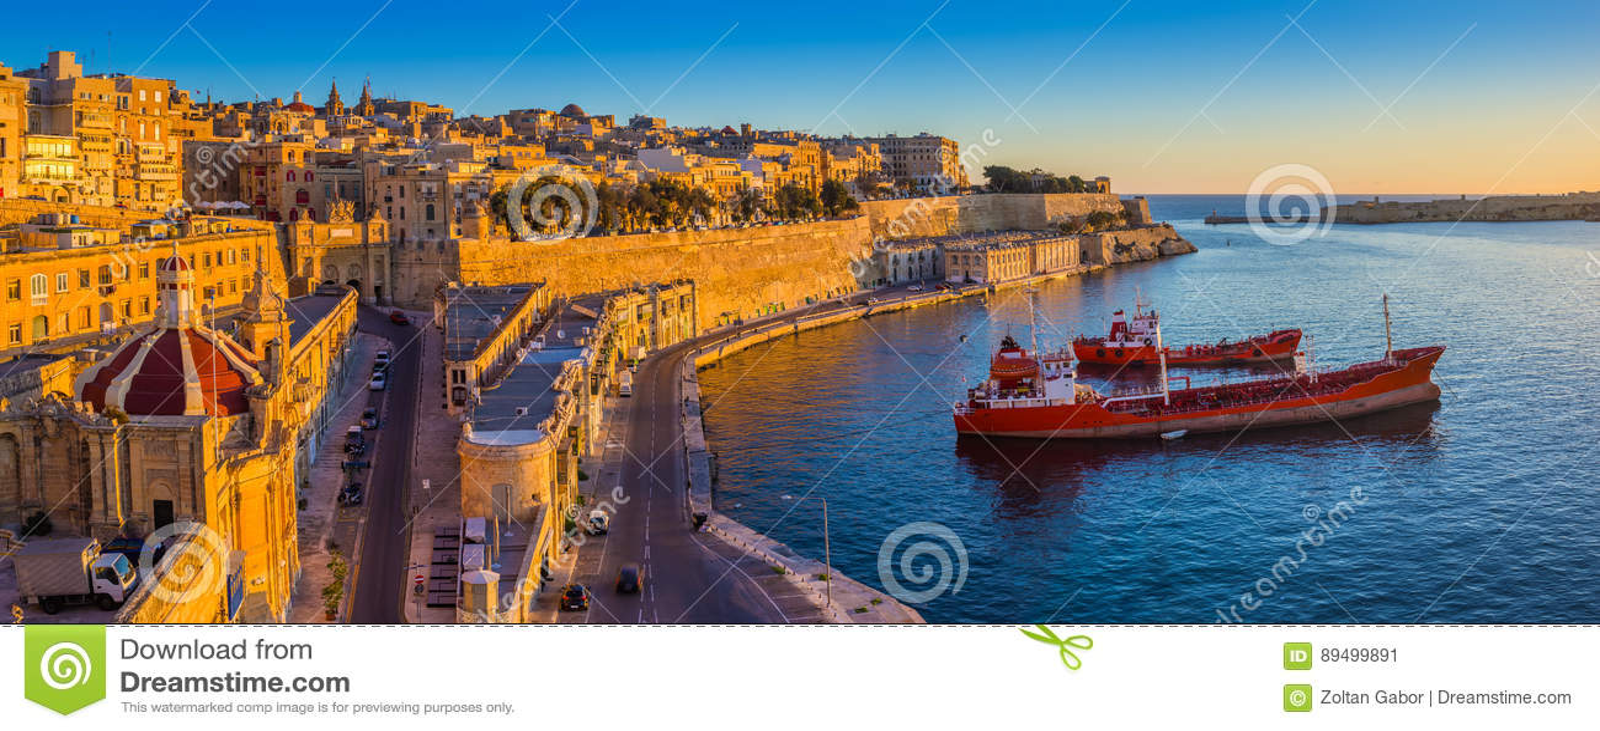 La Valette, Malte - vue panoramique d horizon de La Valette et le port grand